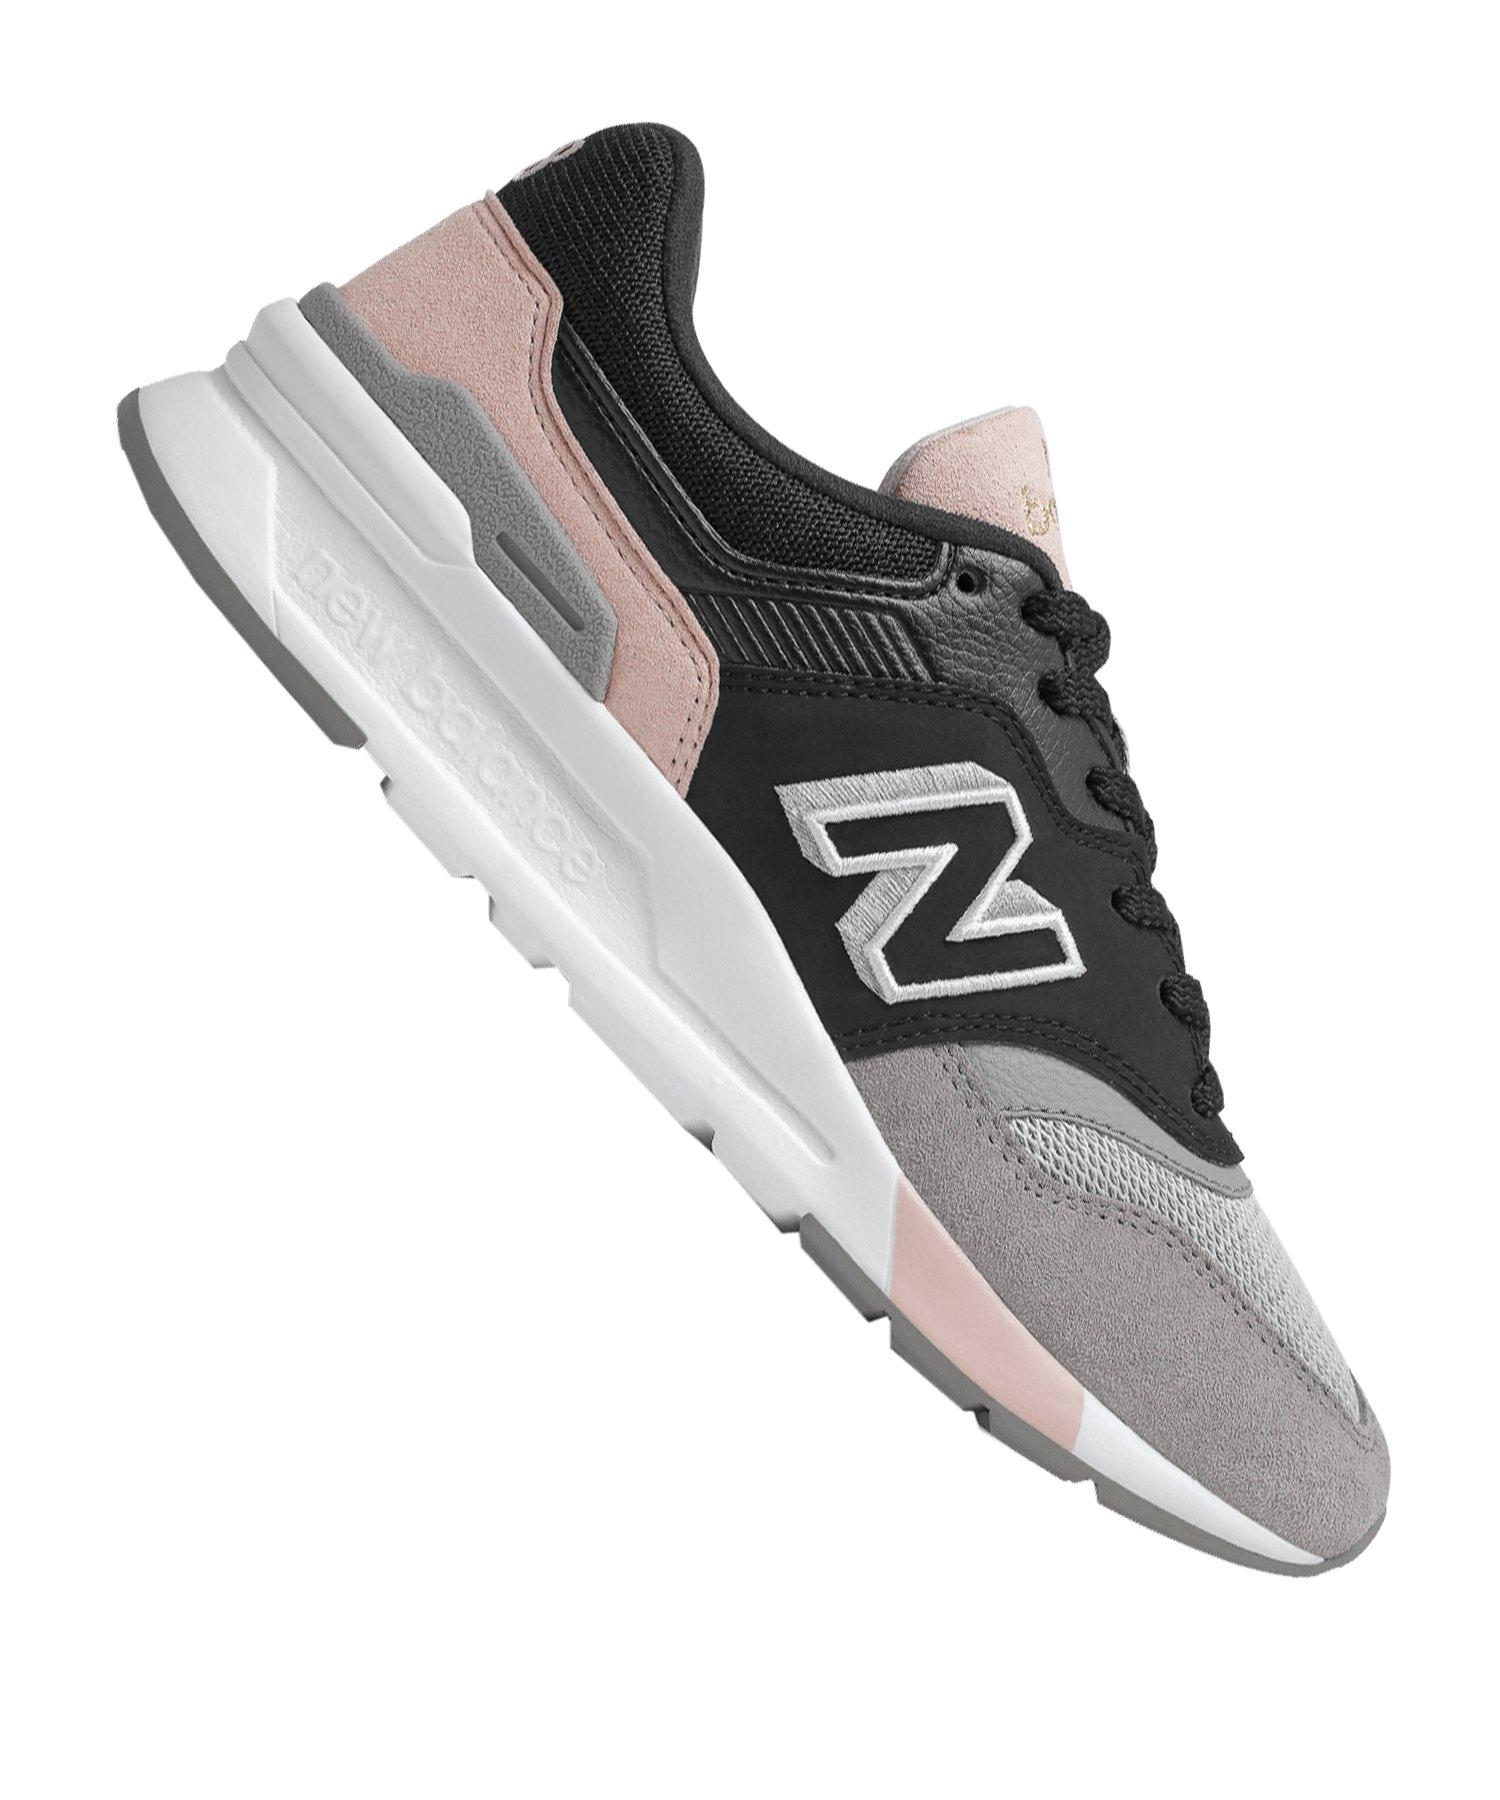 New Balance CW997 B Sneaker Schwarz F08 - schwarz